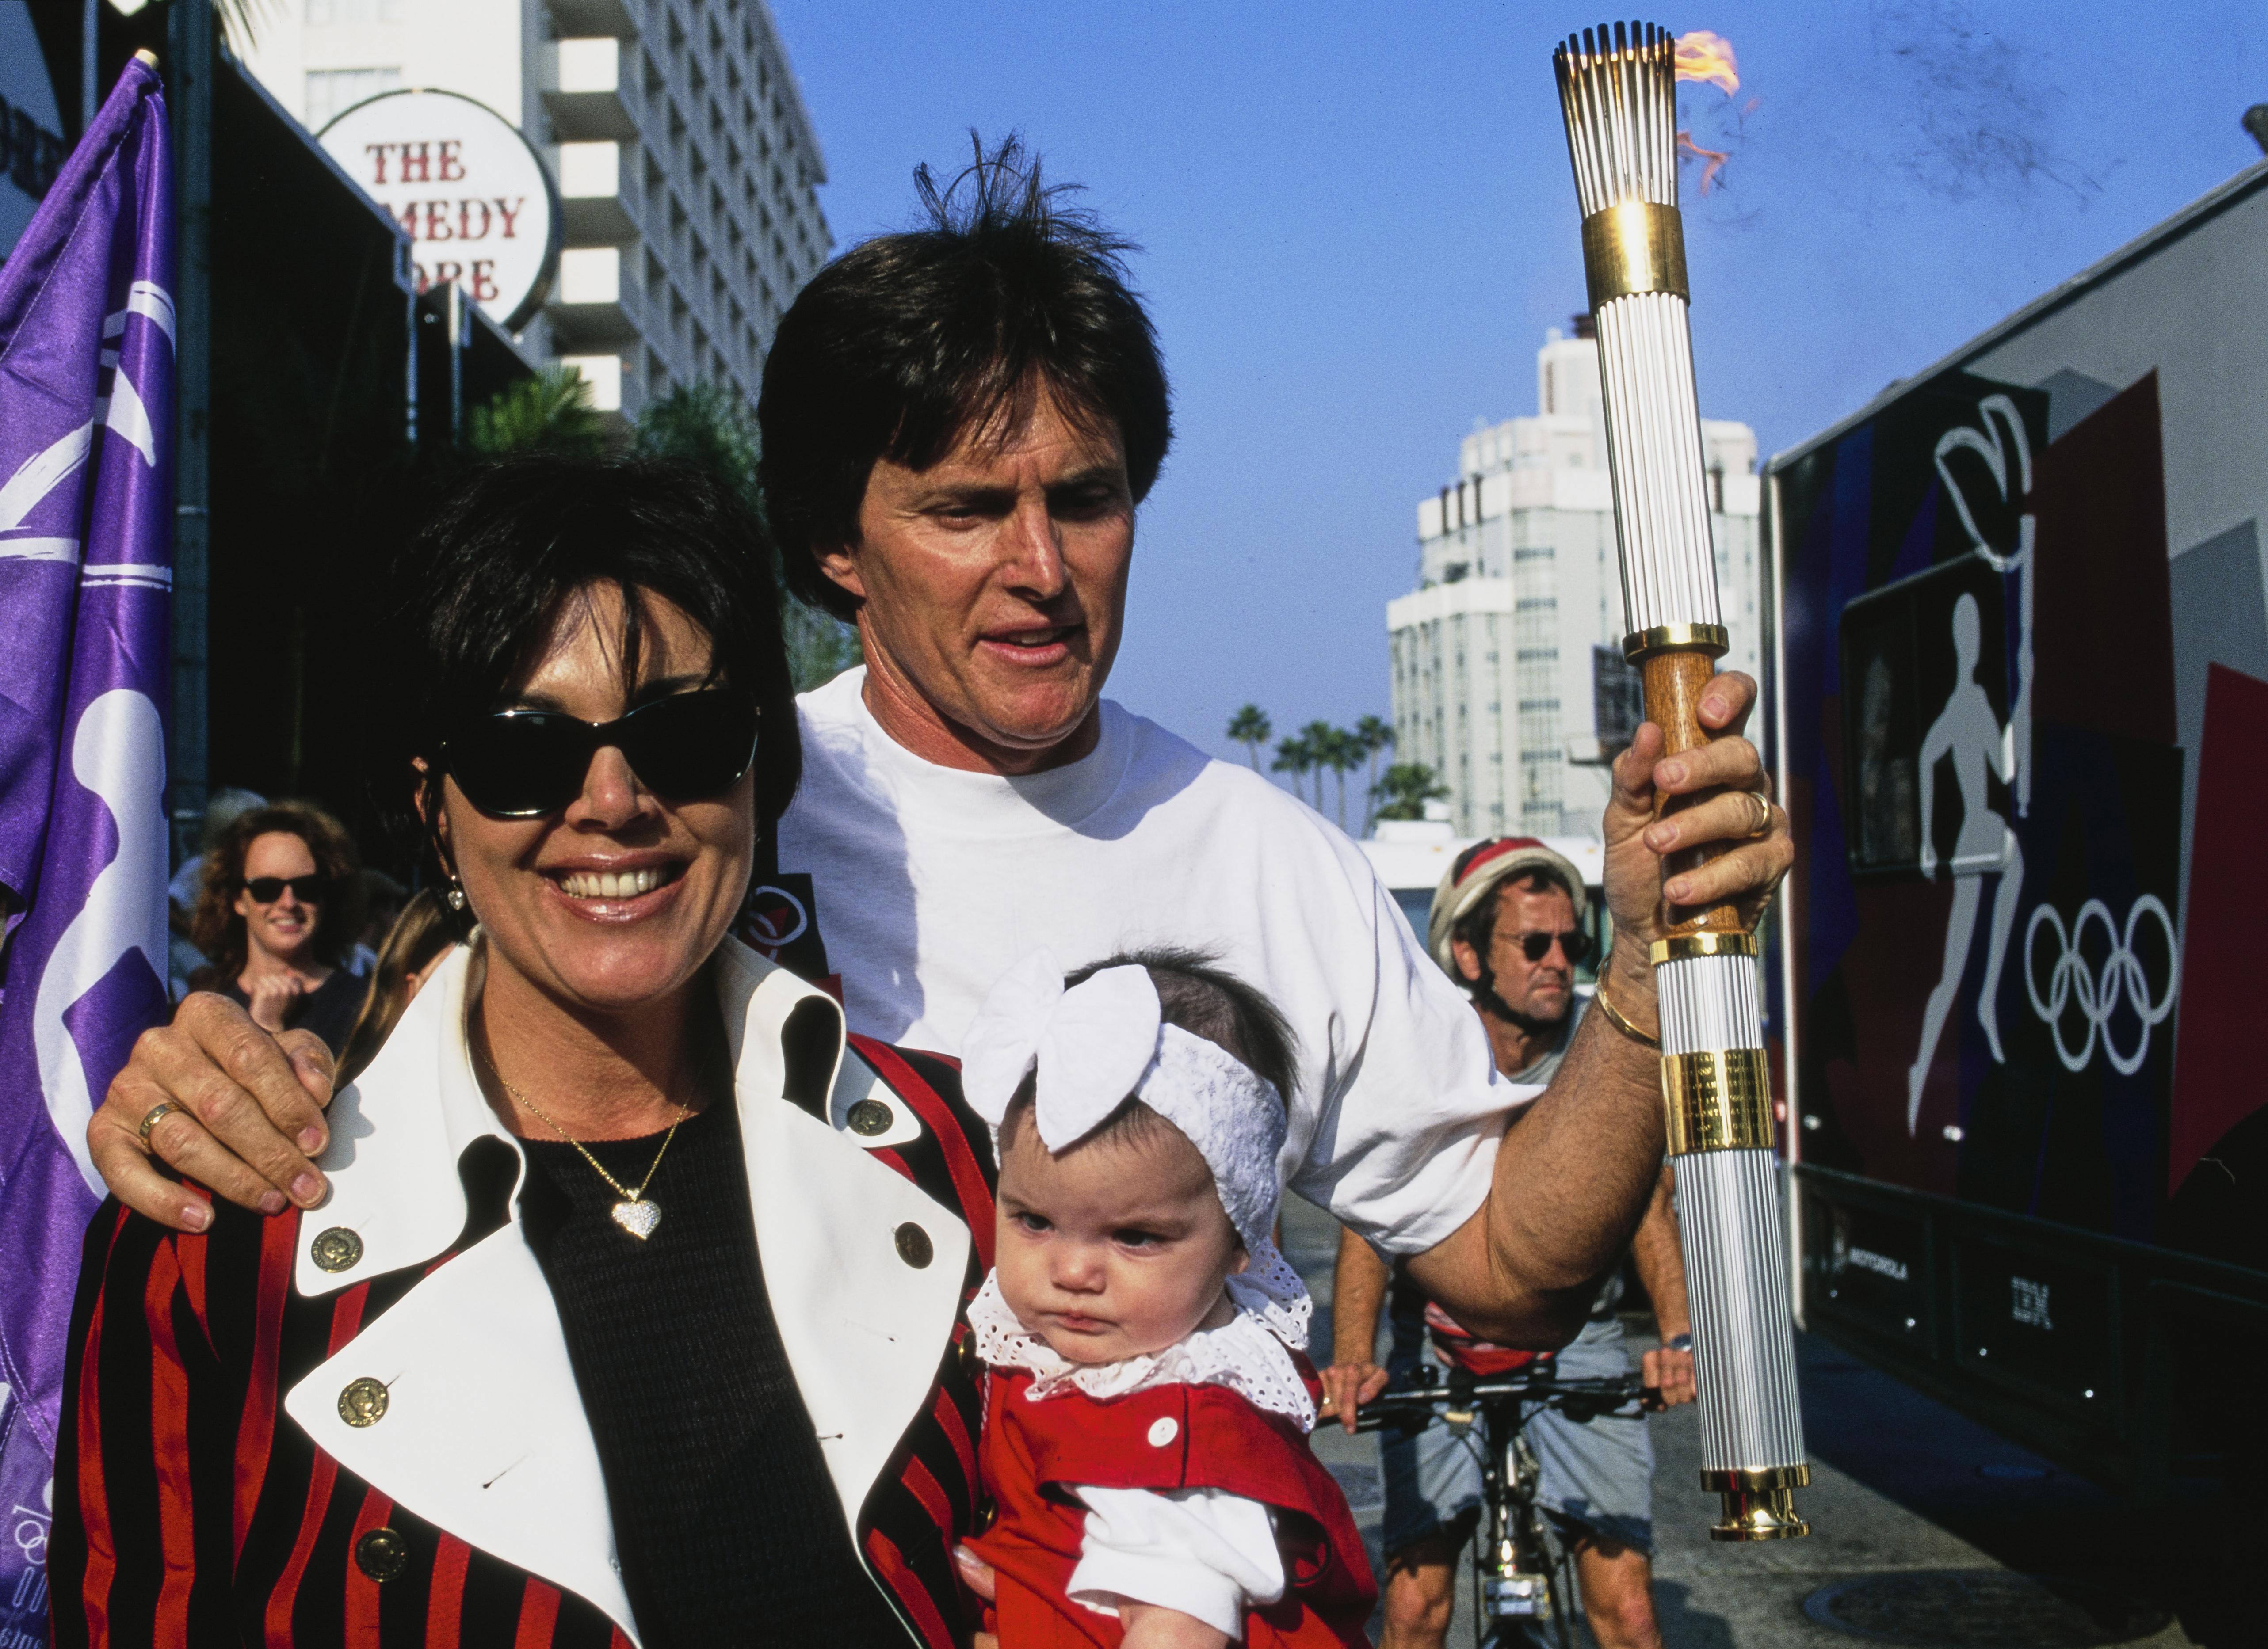 Kris Jenner, Caitlyn Jenner, Kendall Jenner, Bruce Jenner, Olympics